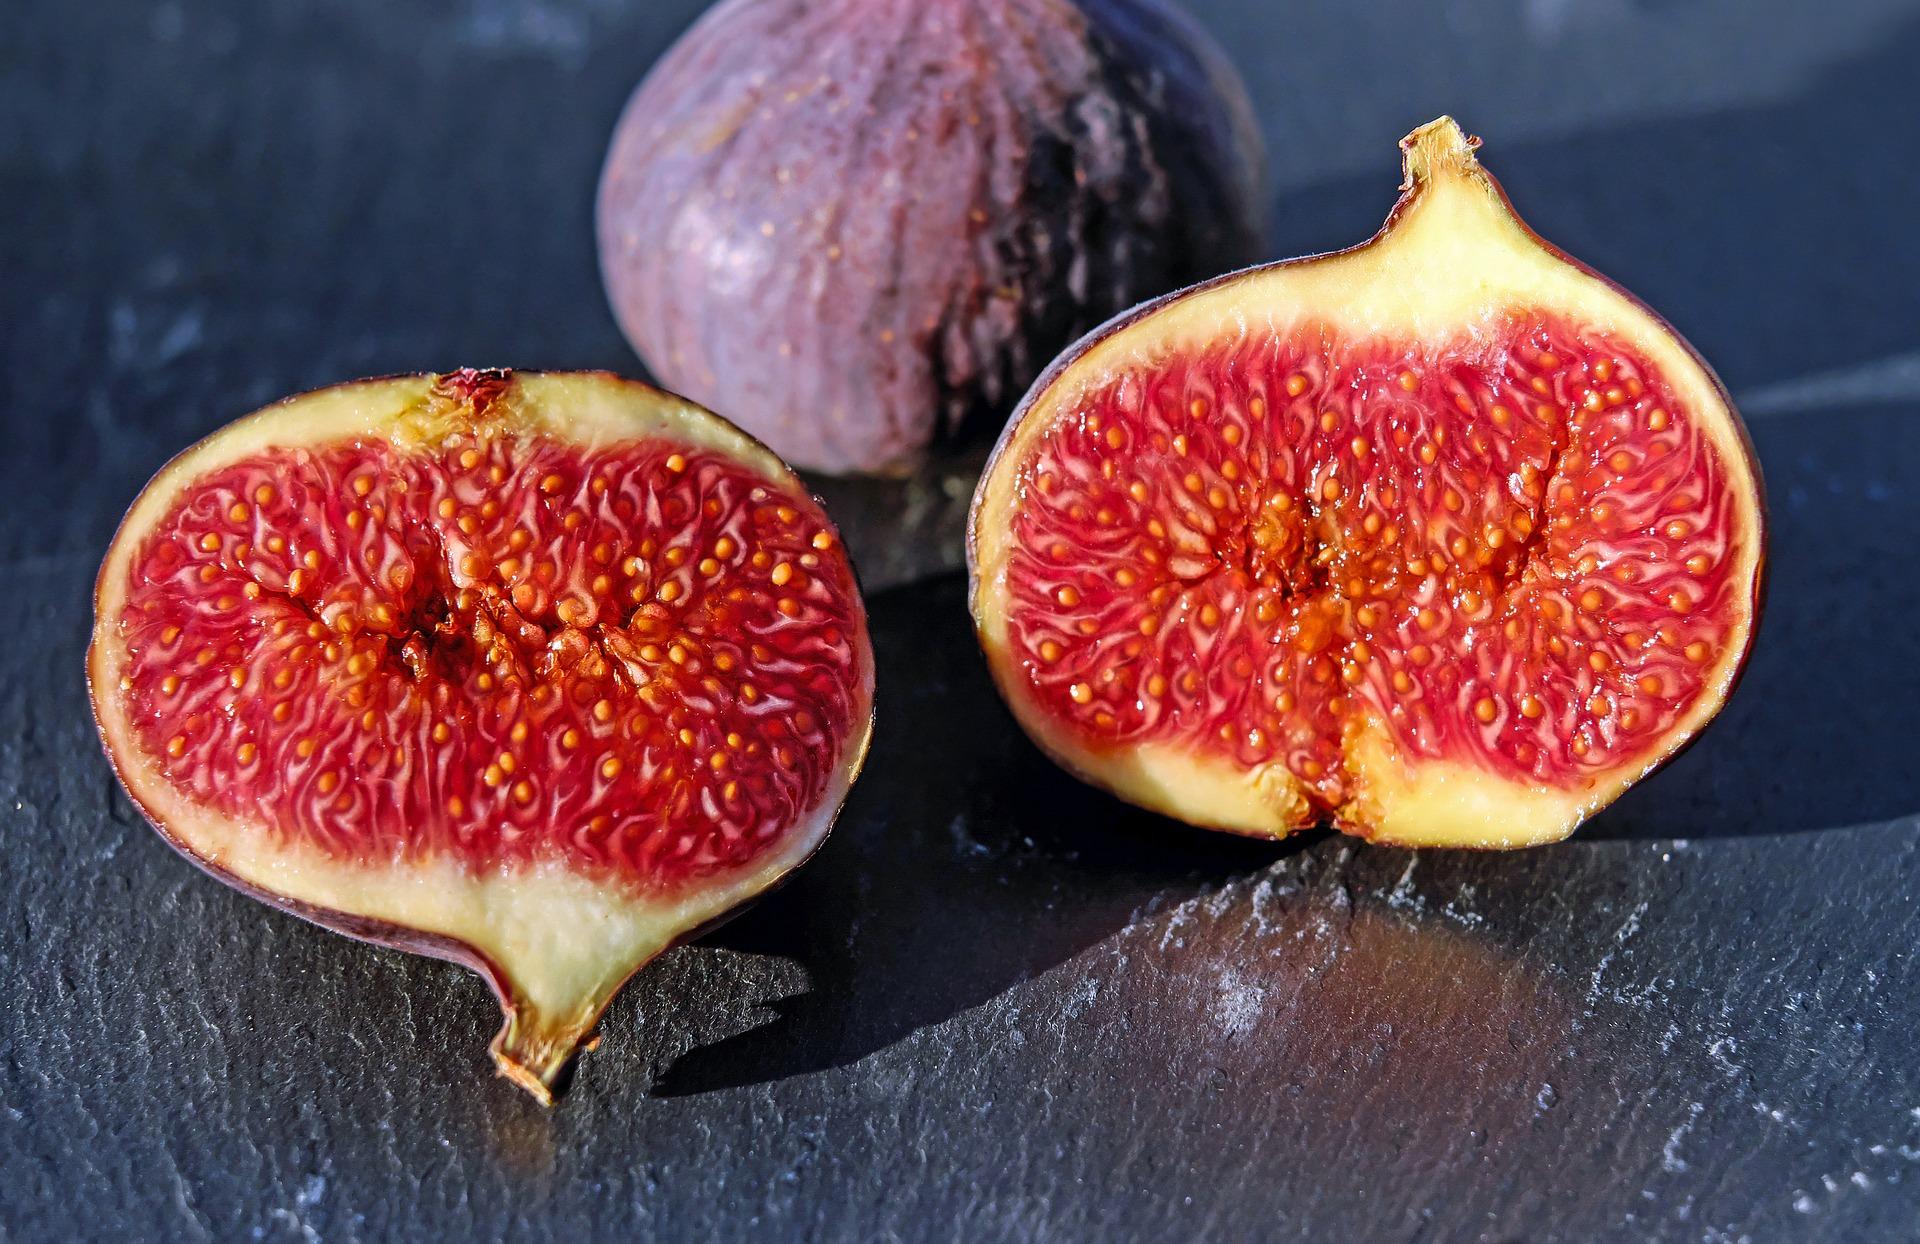 figs-1620590_1920.jpg